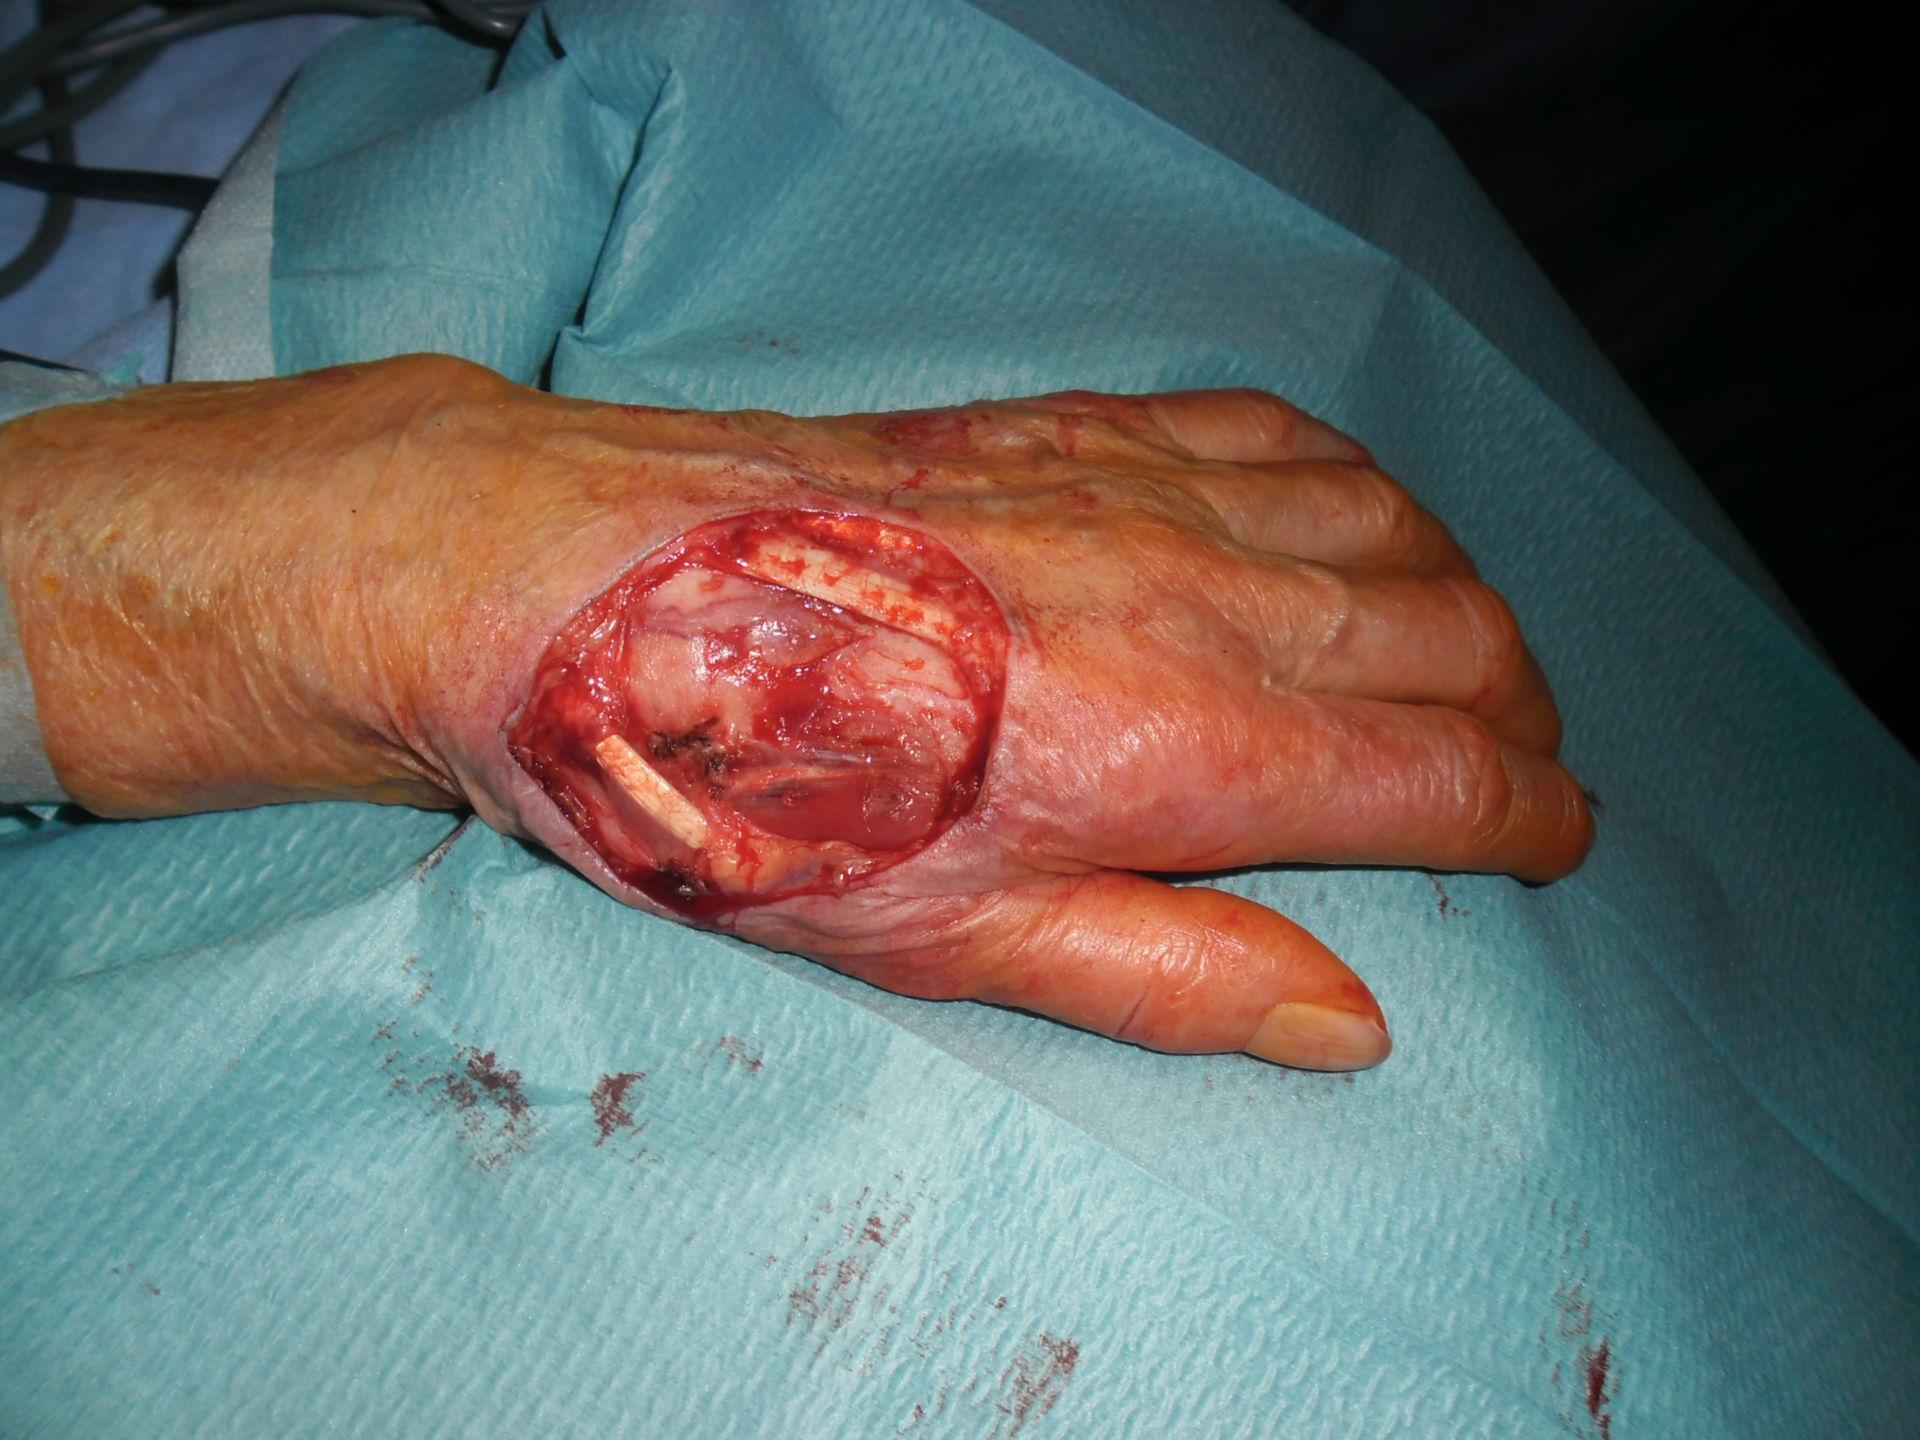 Tumor hand 2